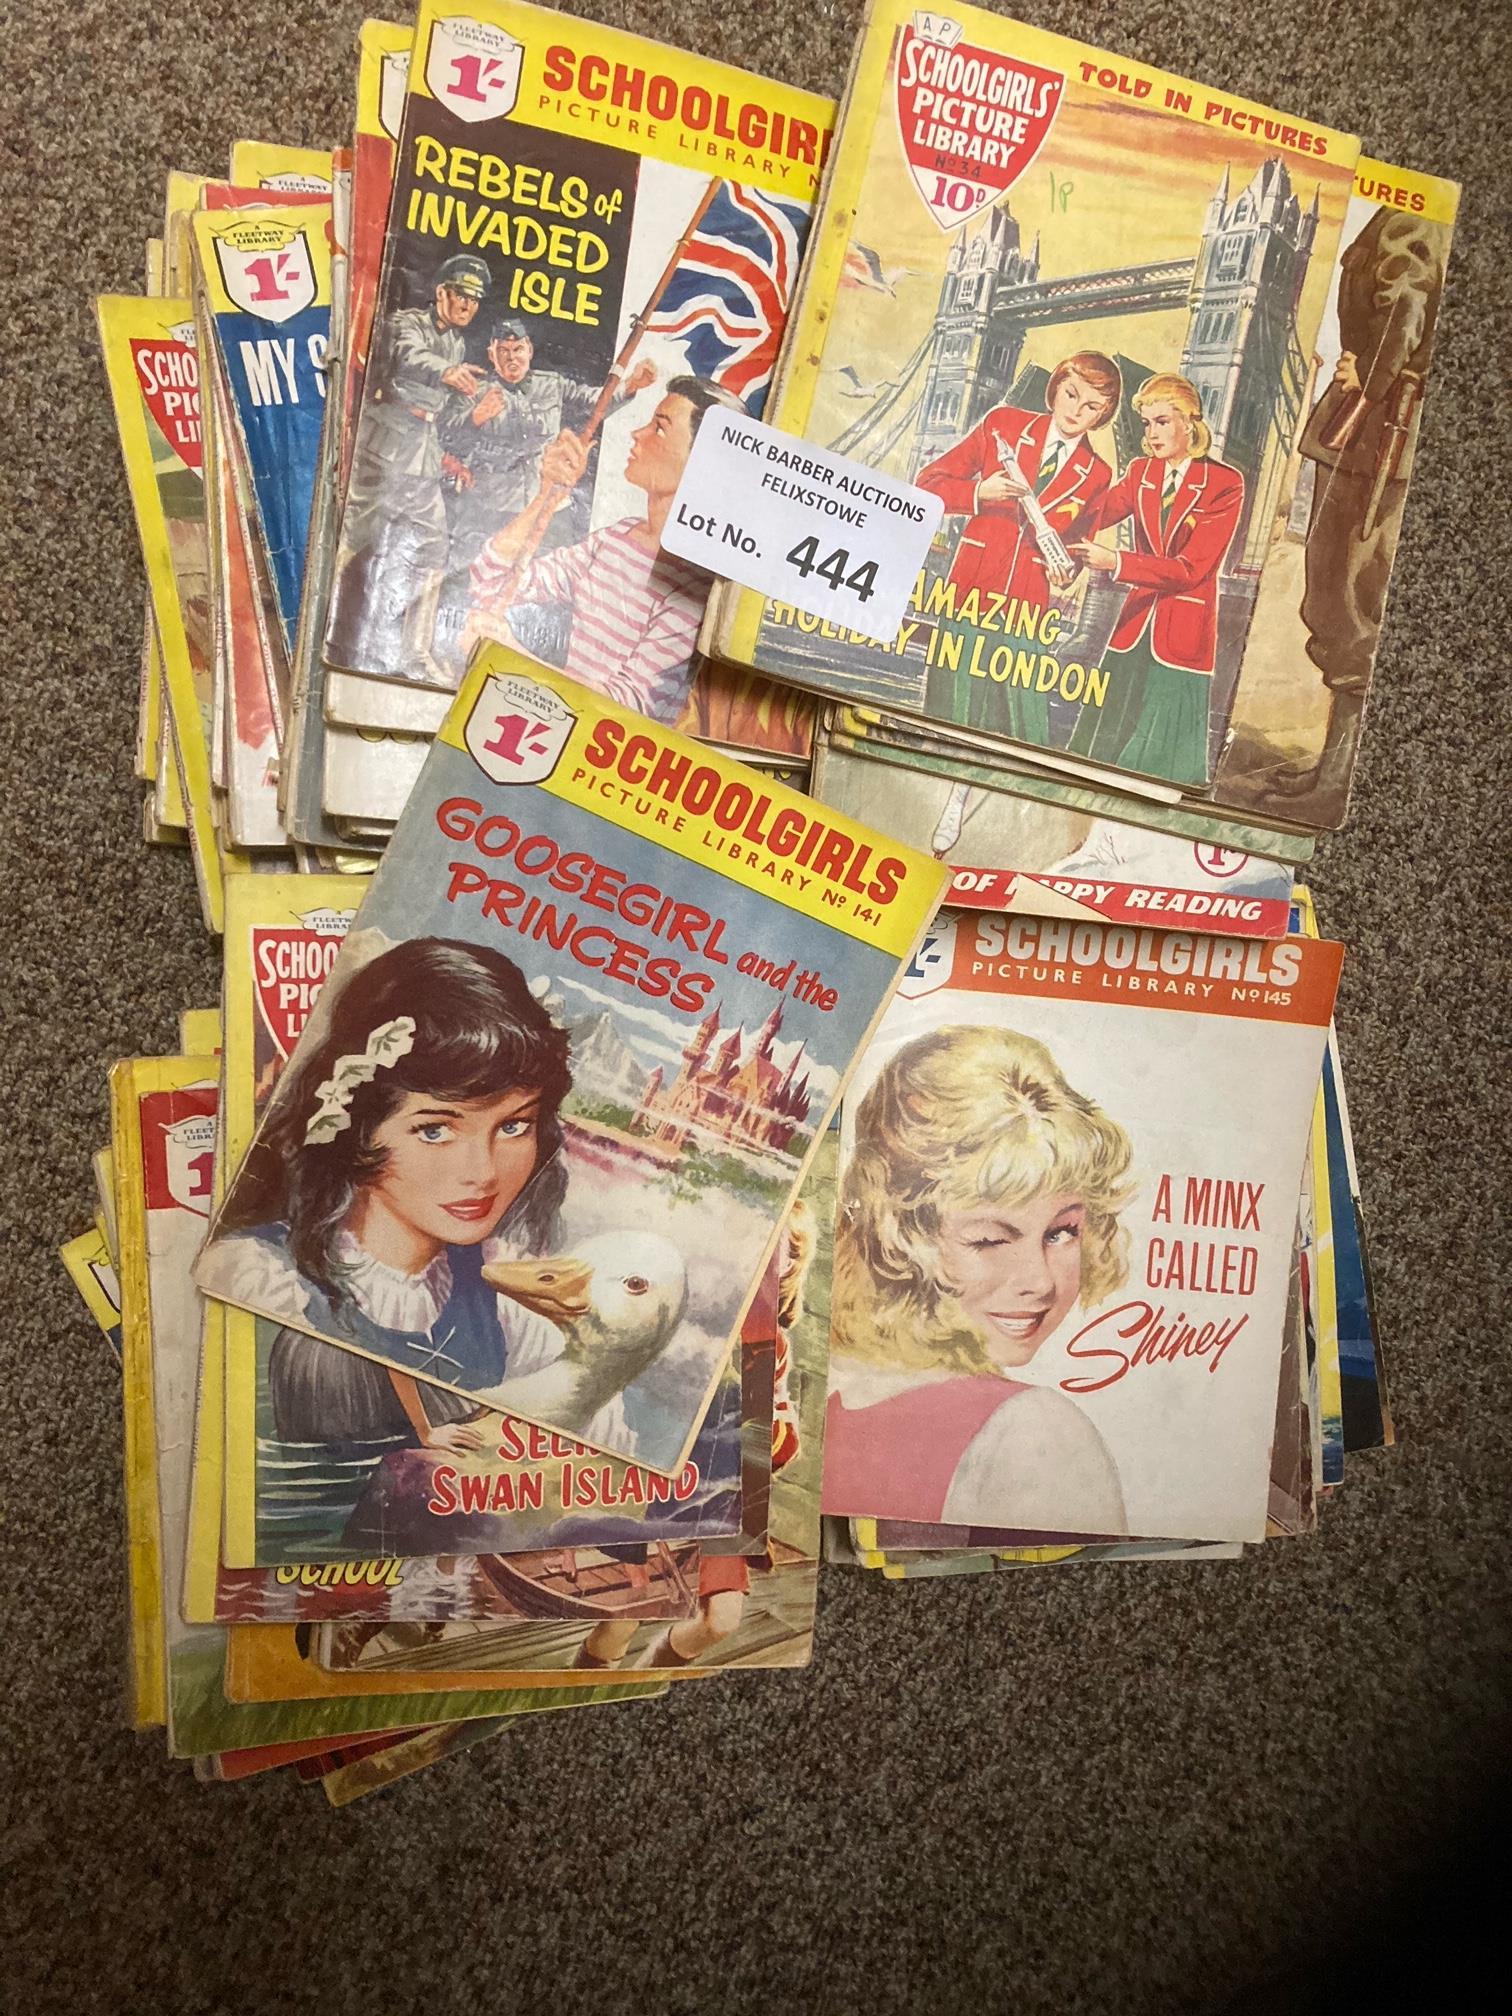 Comics : Schoolgirls Picture Library 1960's genera